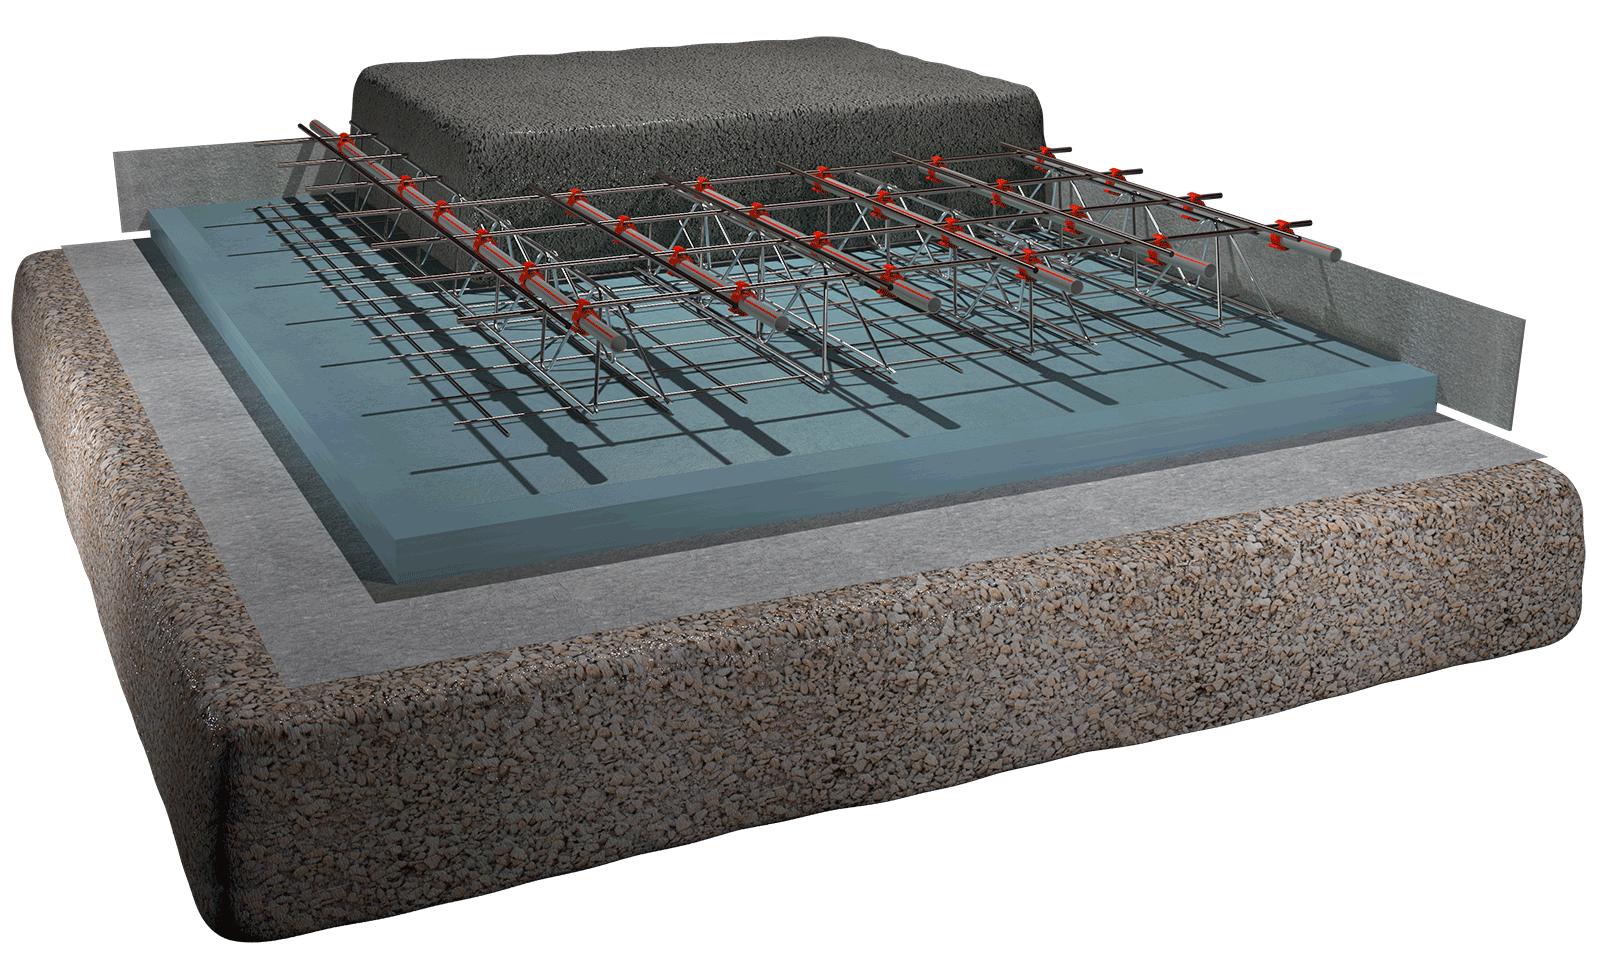 Riscaldamento A Pavimento Tubi riscaldamento a pavimento radiante per magazzini/capannoni